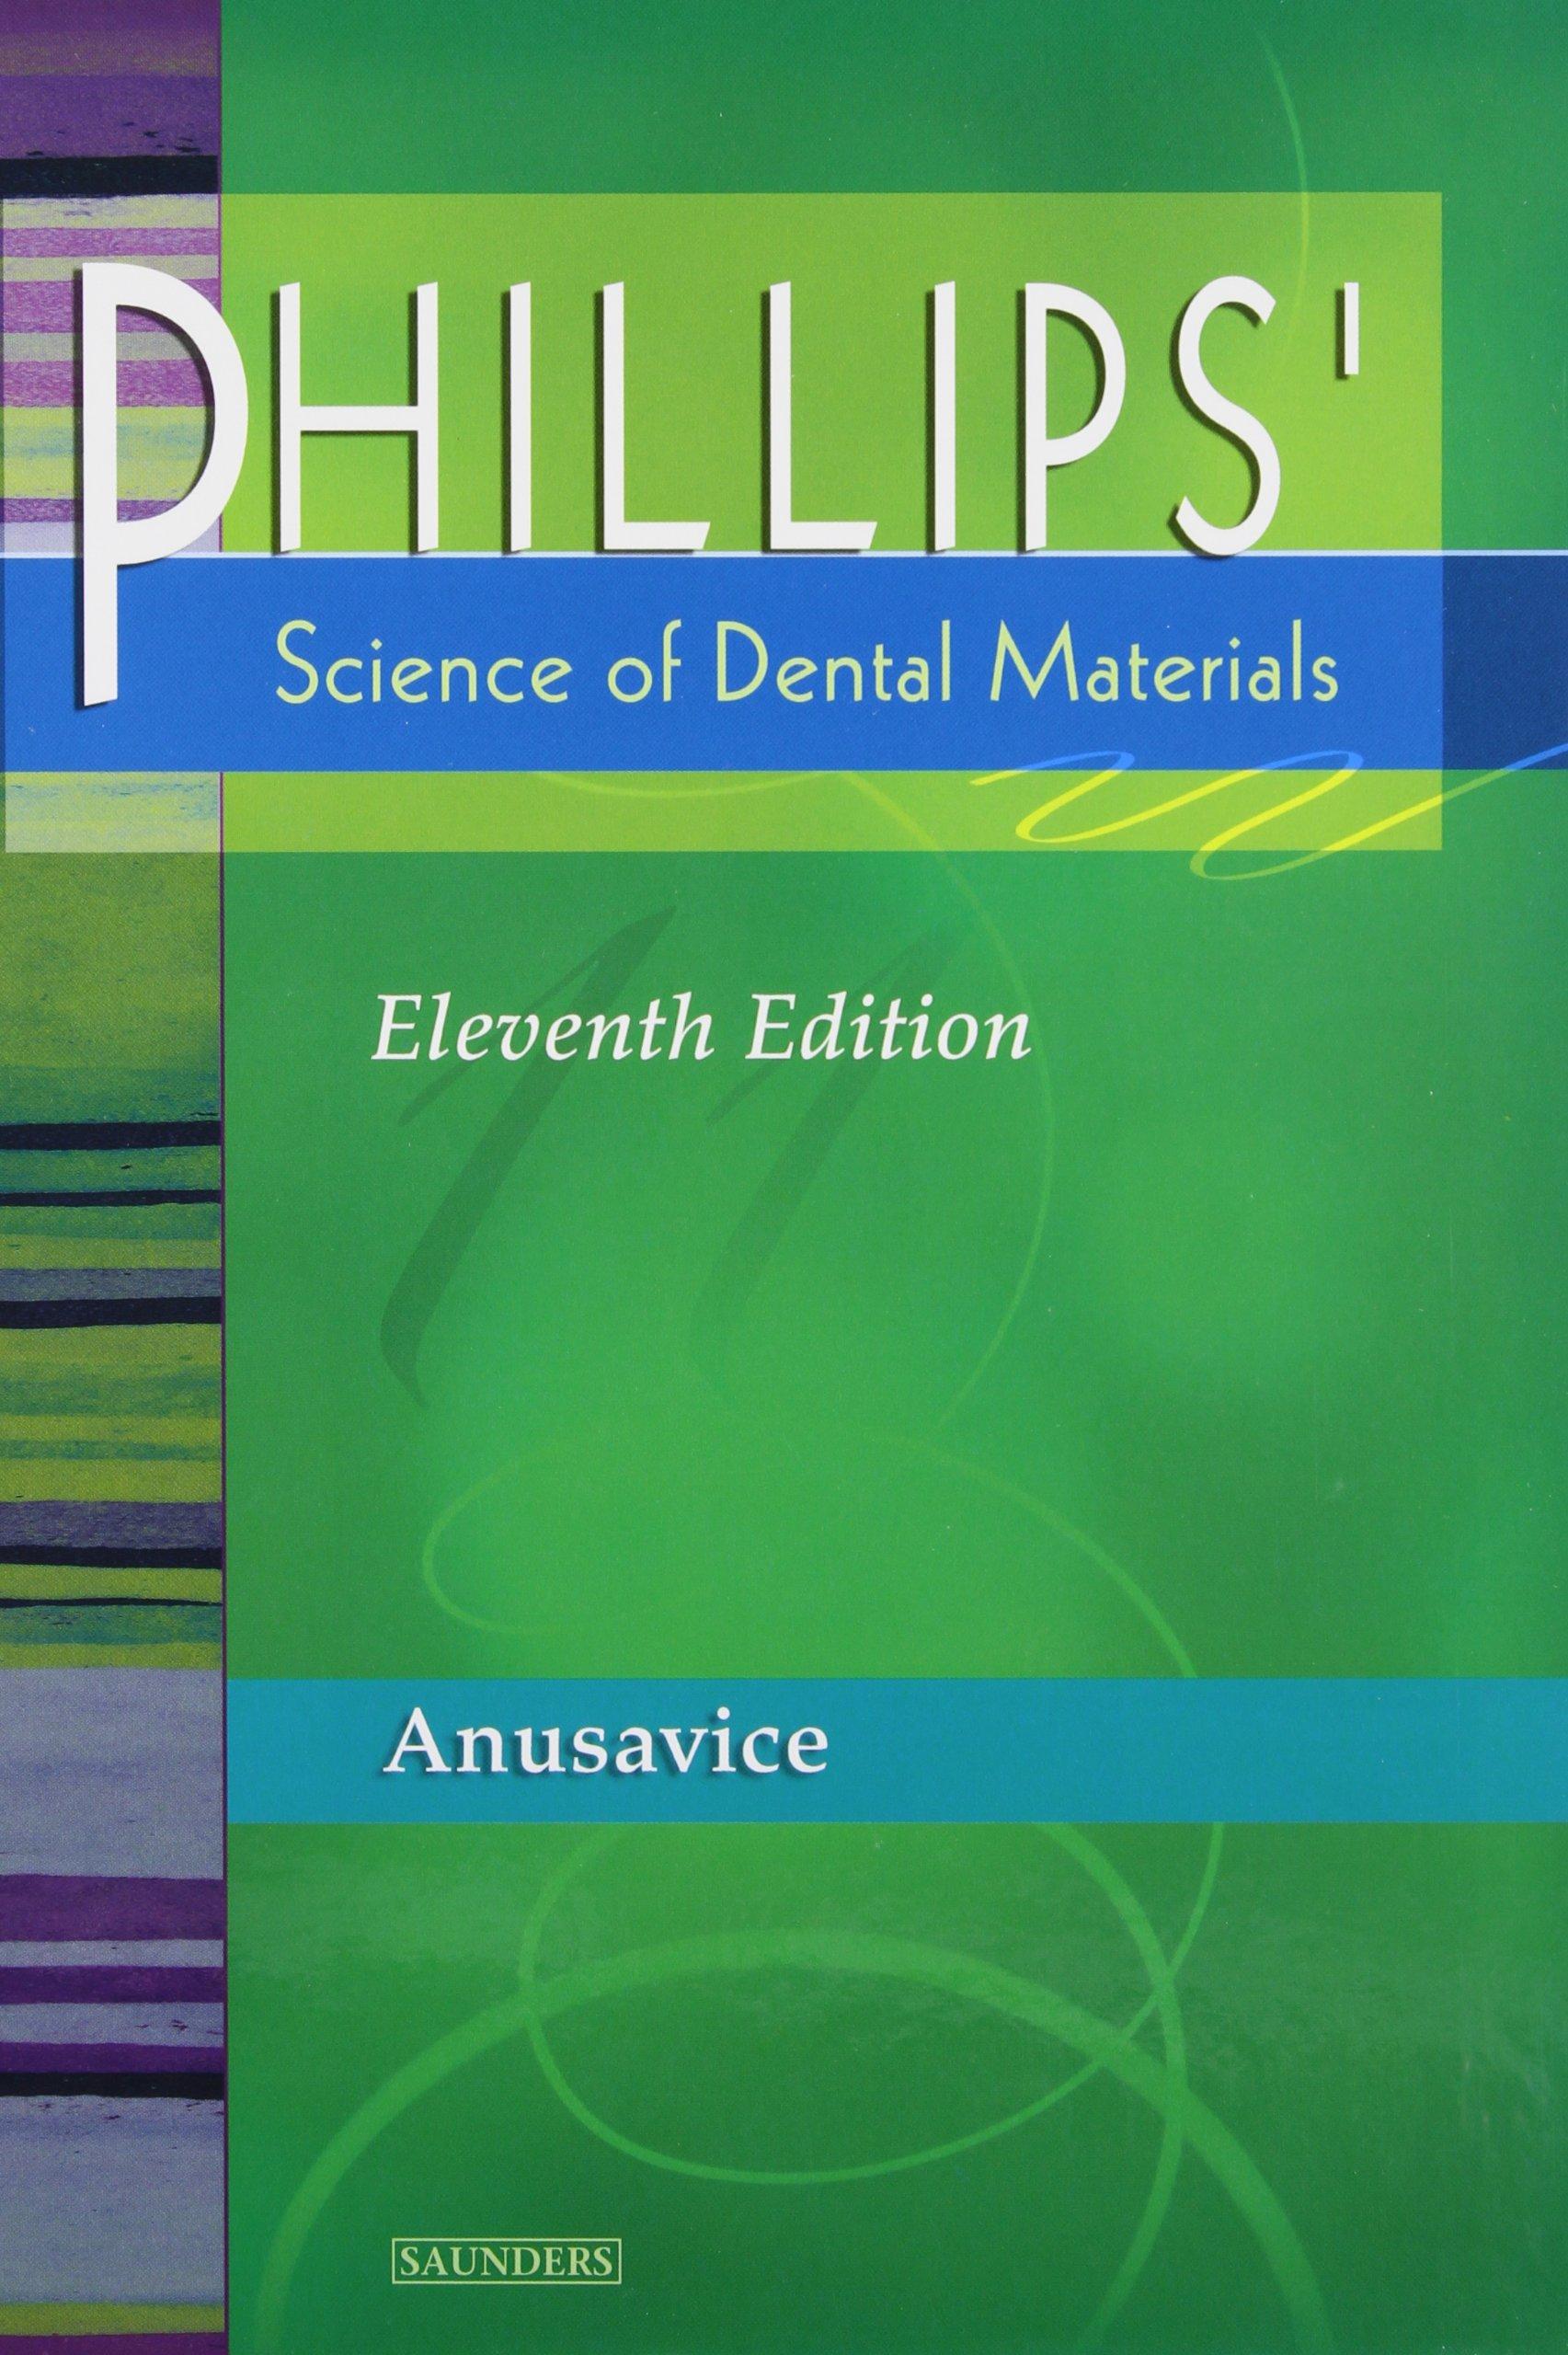 Phillips Dental Materials Ebook